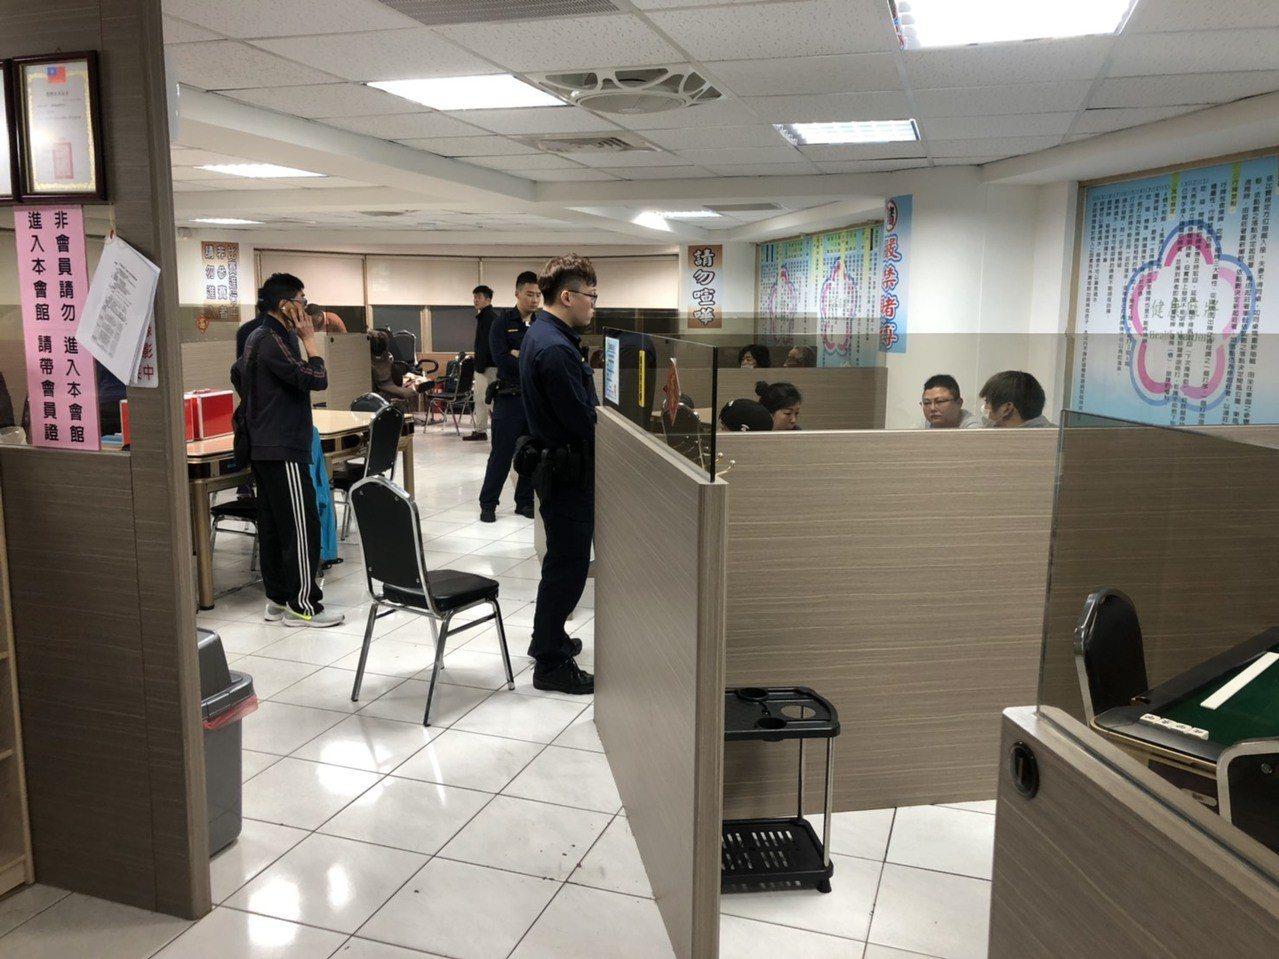 因涉賭已被勒令解散的前「中華麻將競技協會」,三重分會原址改稱「中華運動協會-三重...